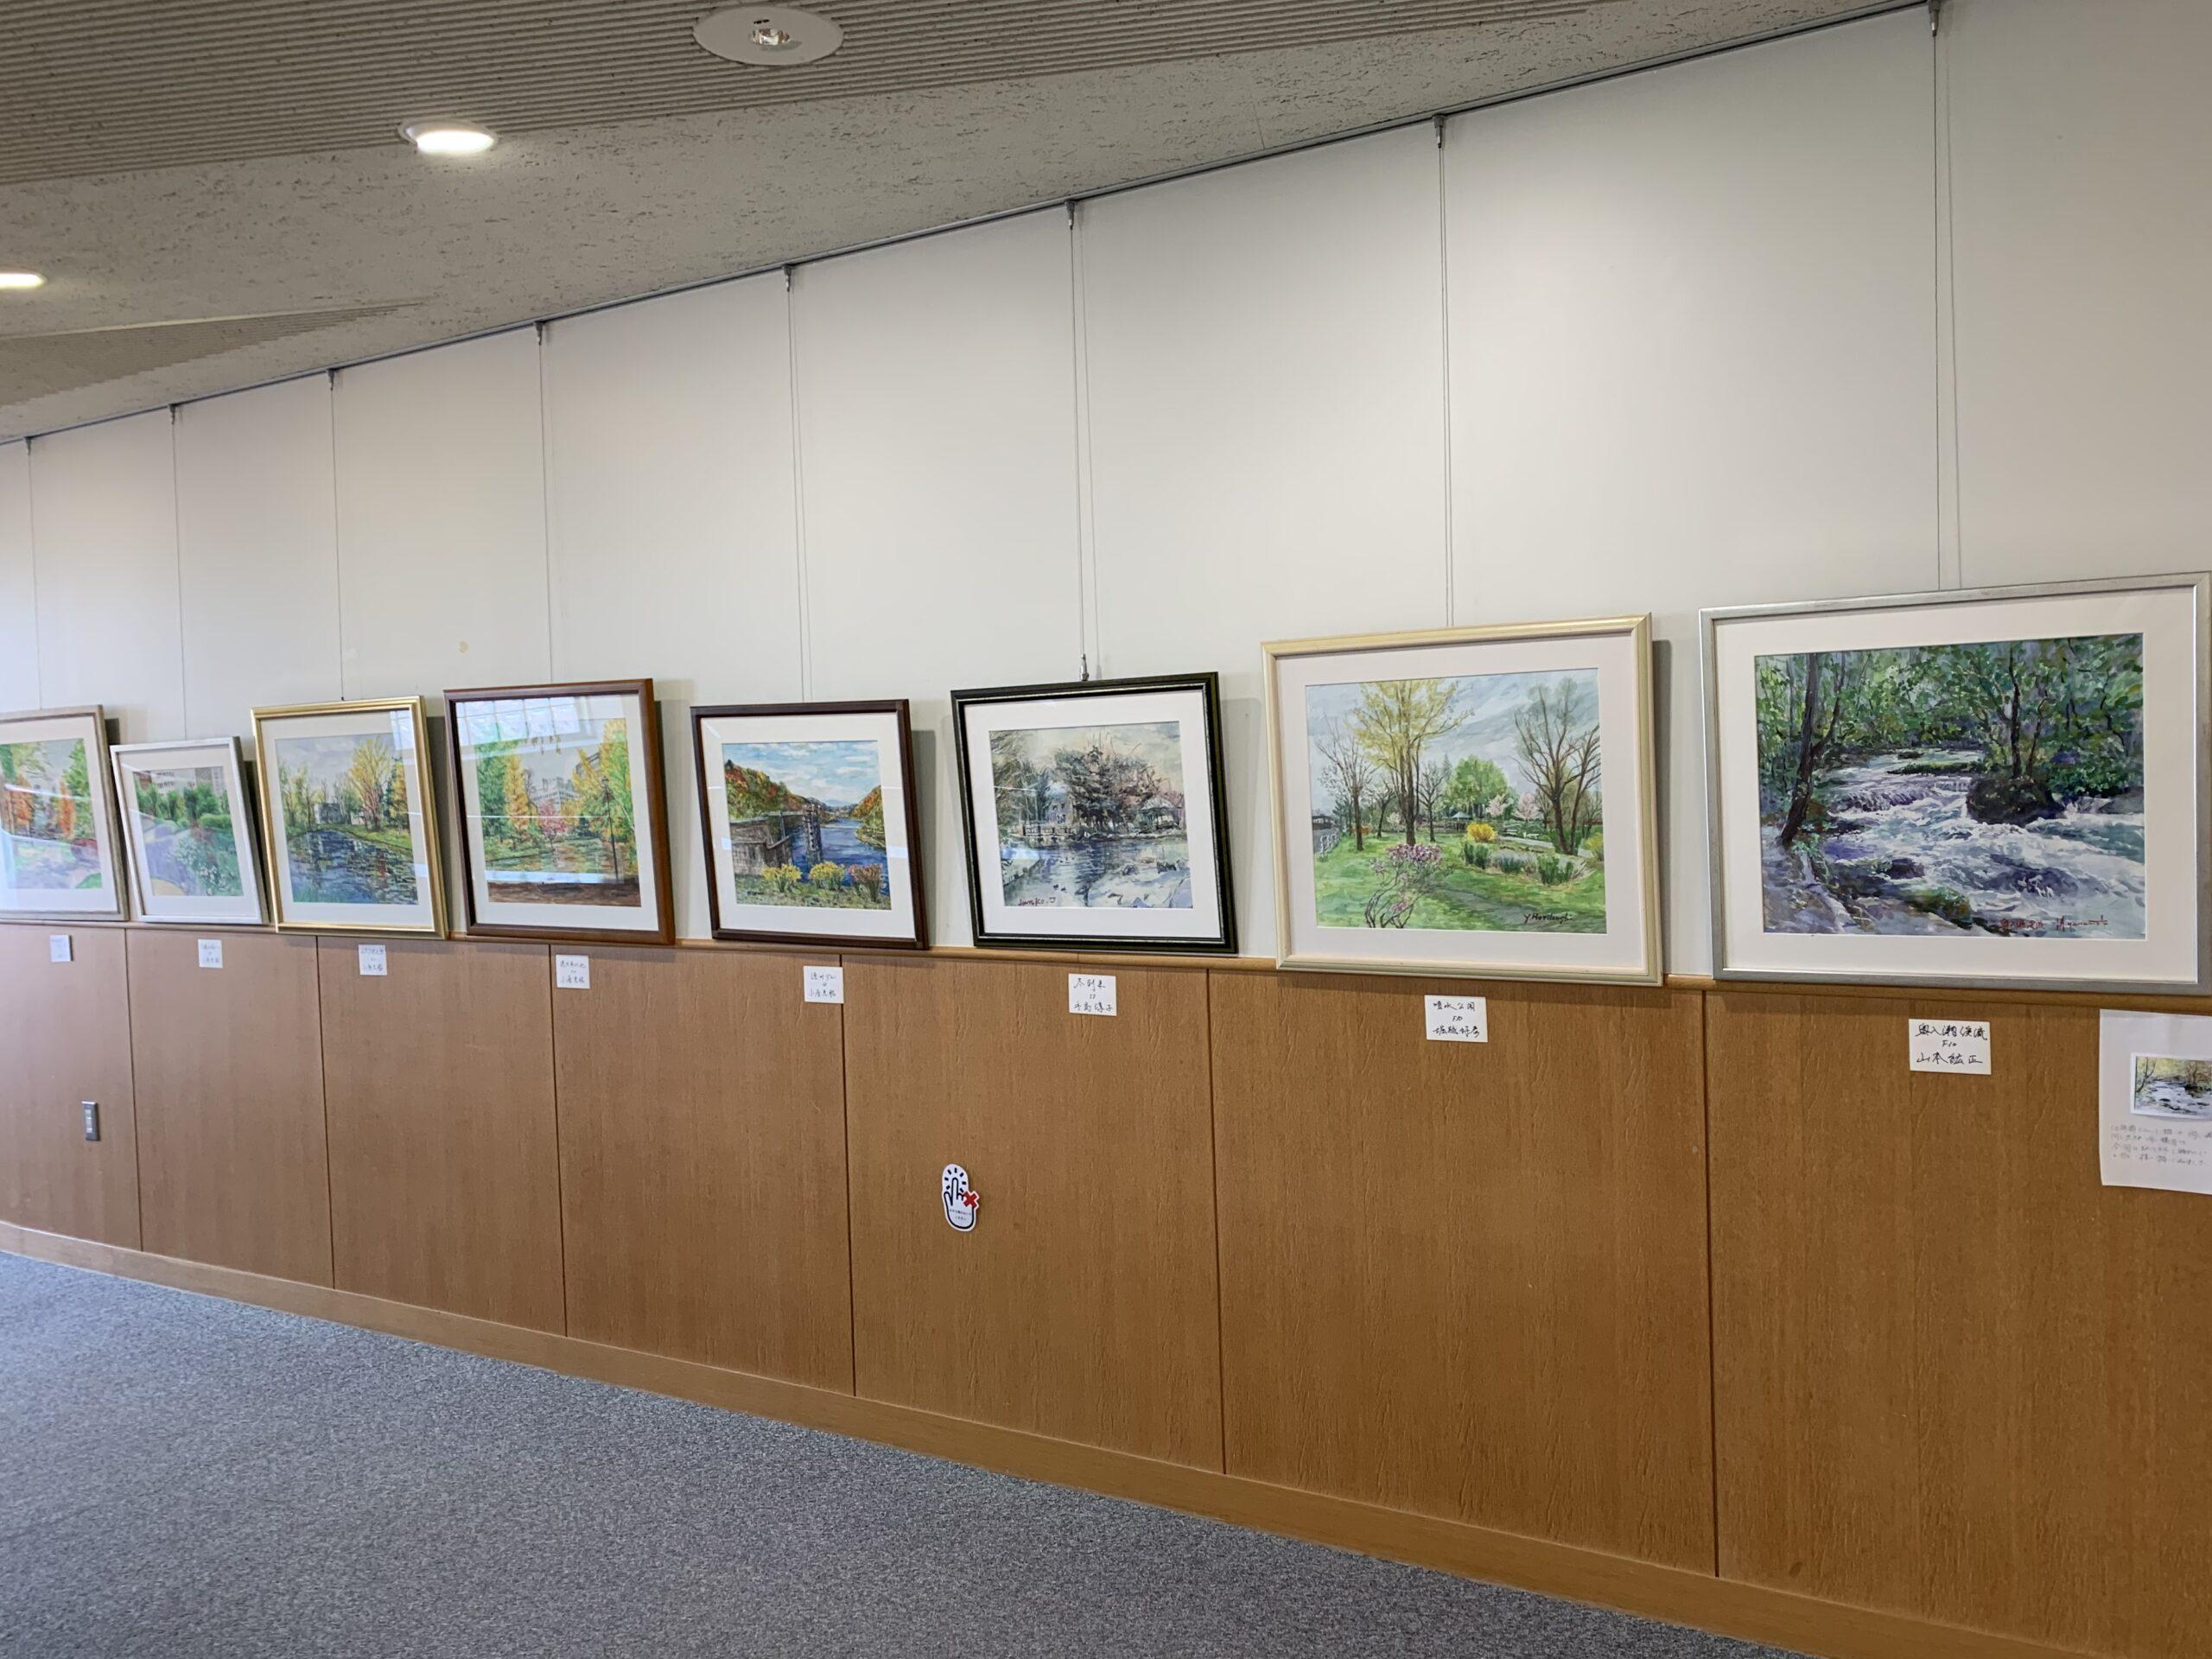 「山本紘正絵画教室展」を開催しました